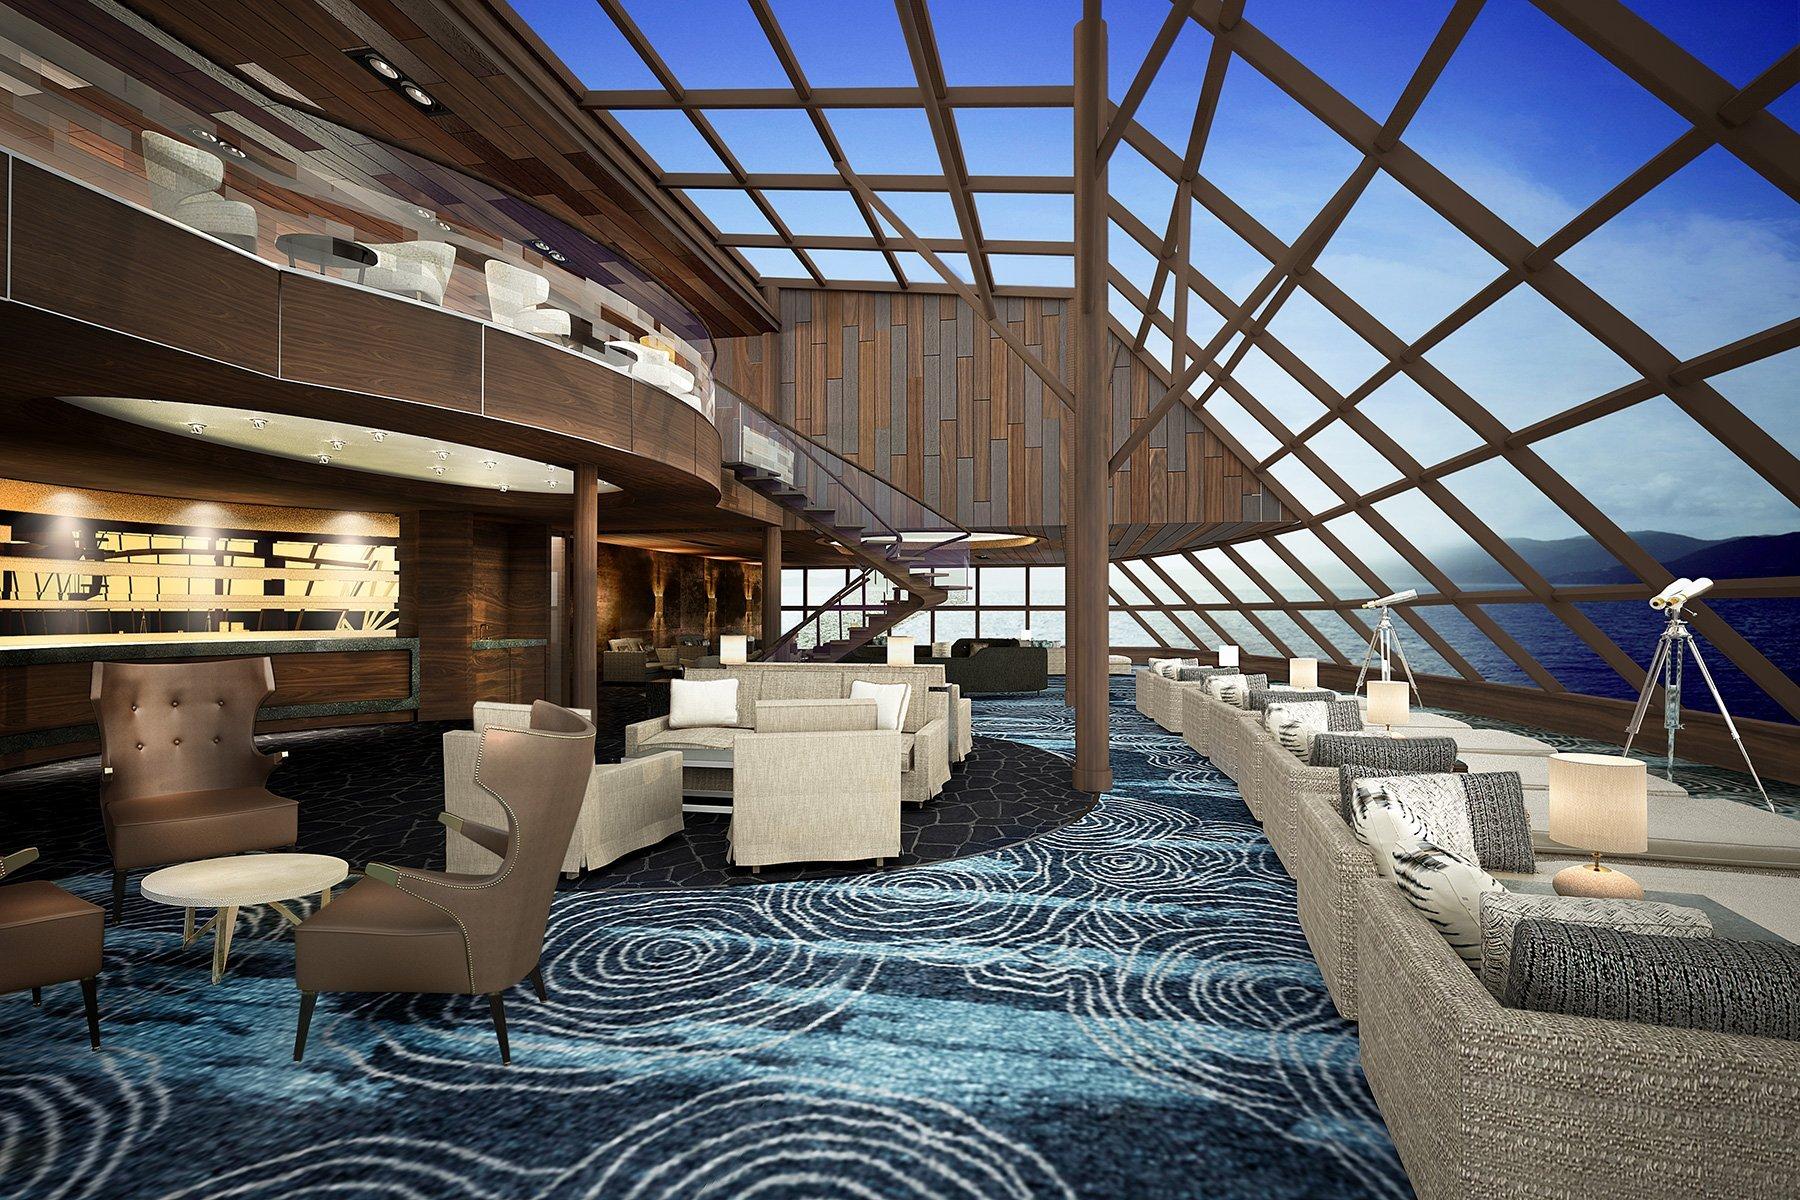 Blue Room Design Studio